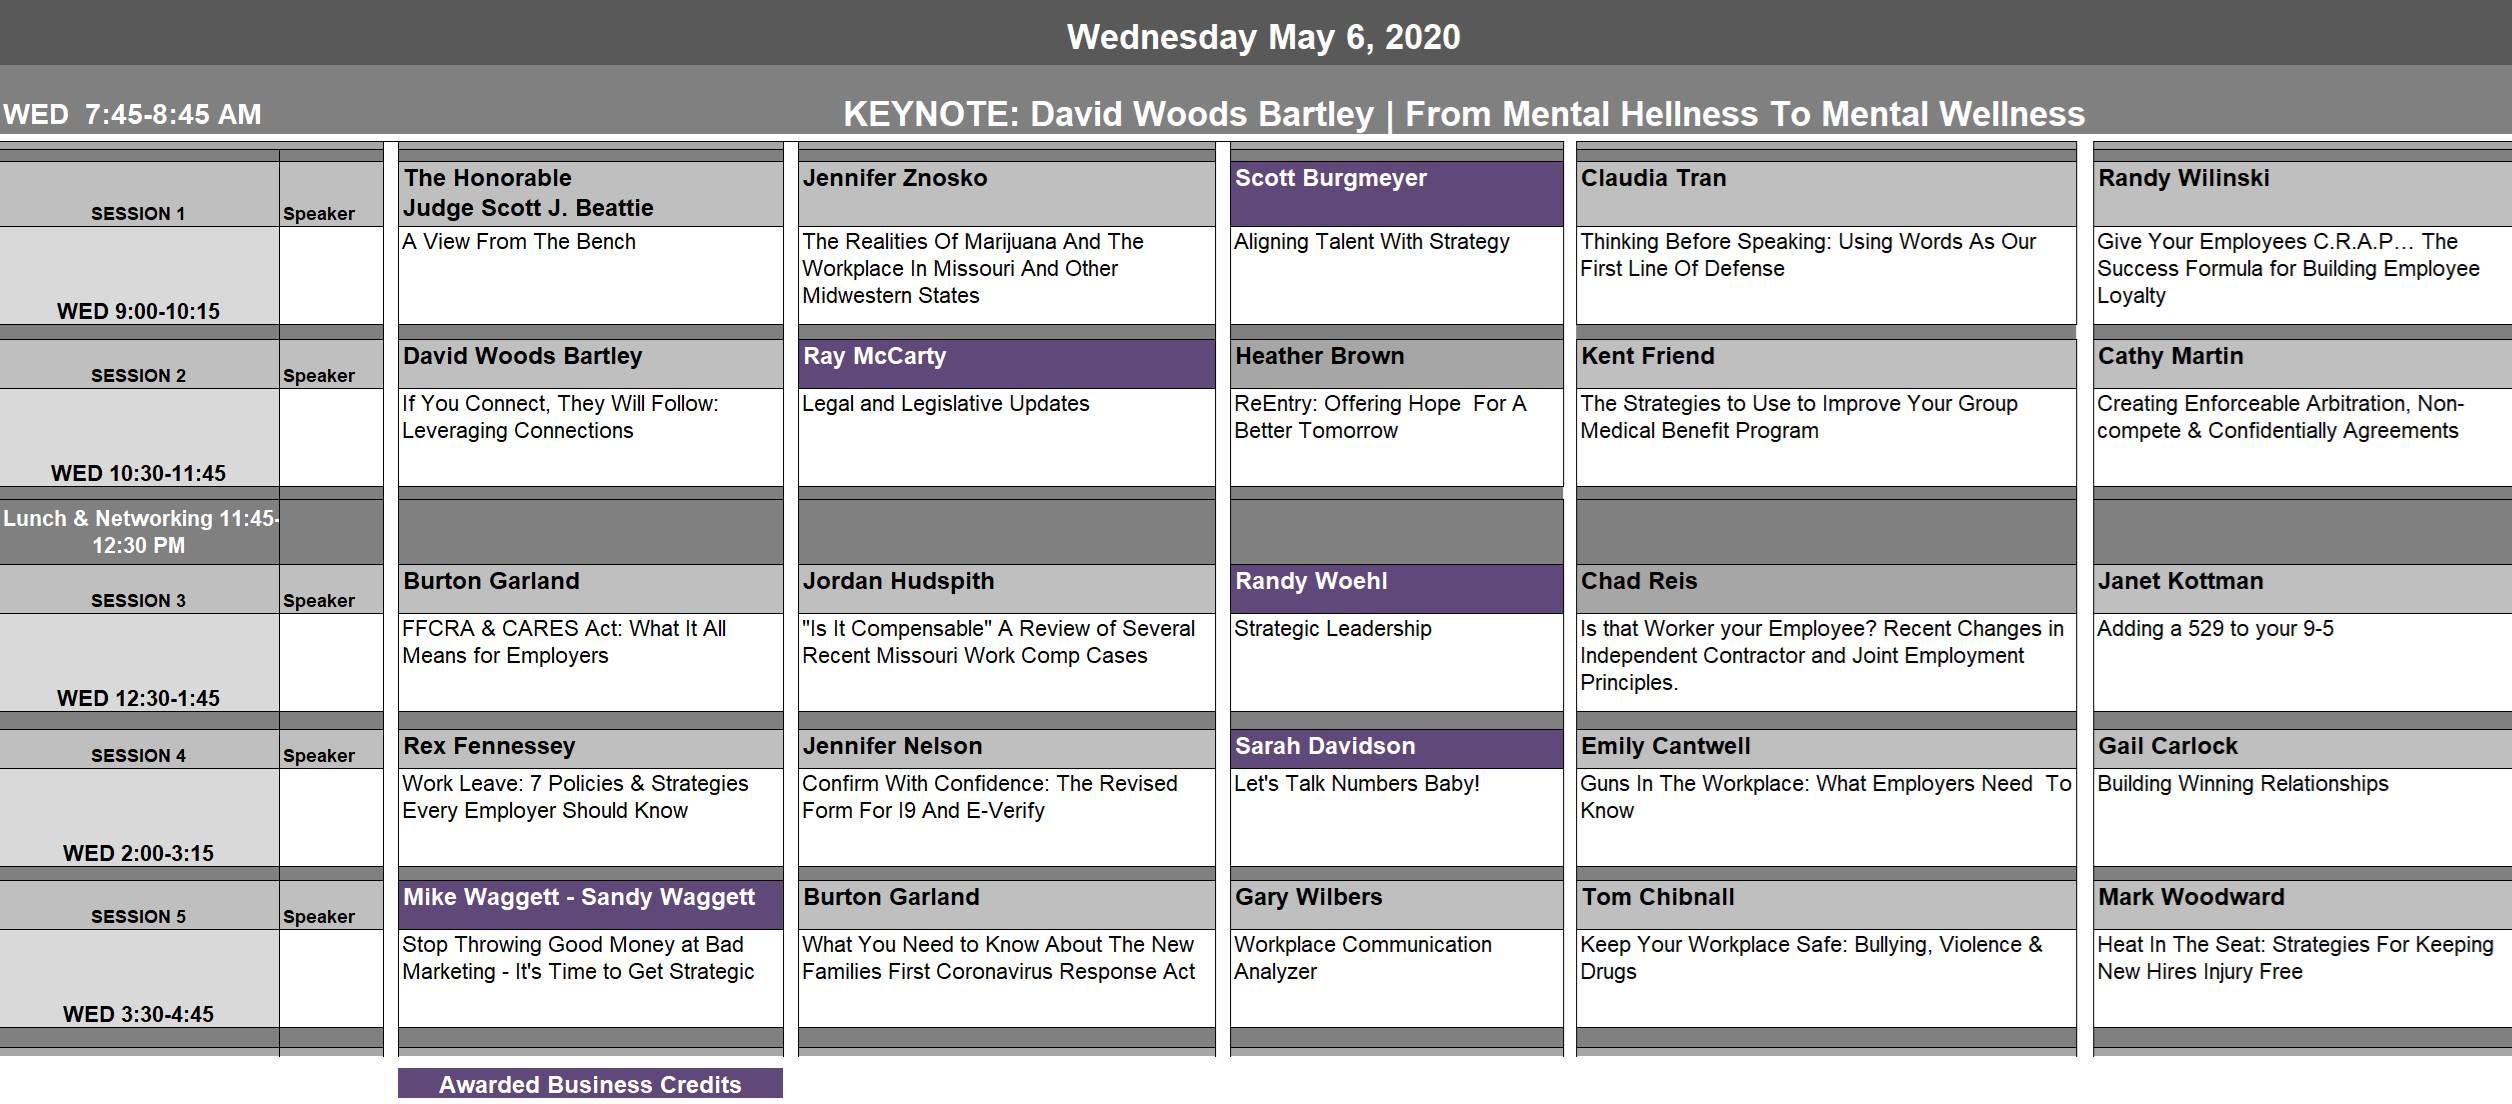 5-4-20-mec-schedule